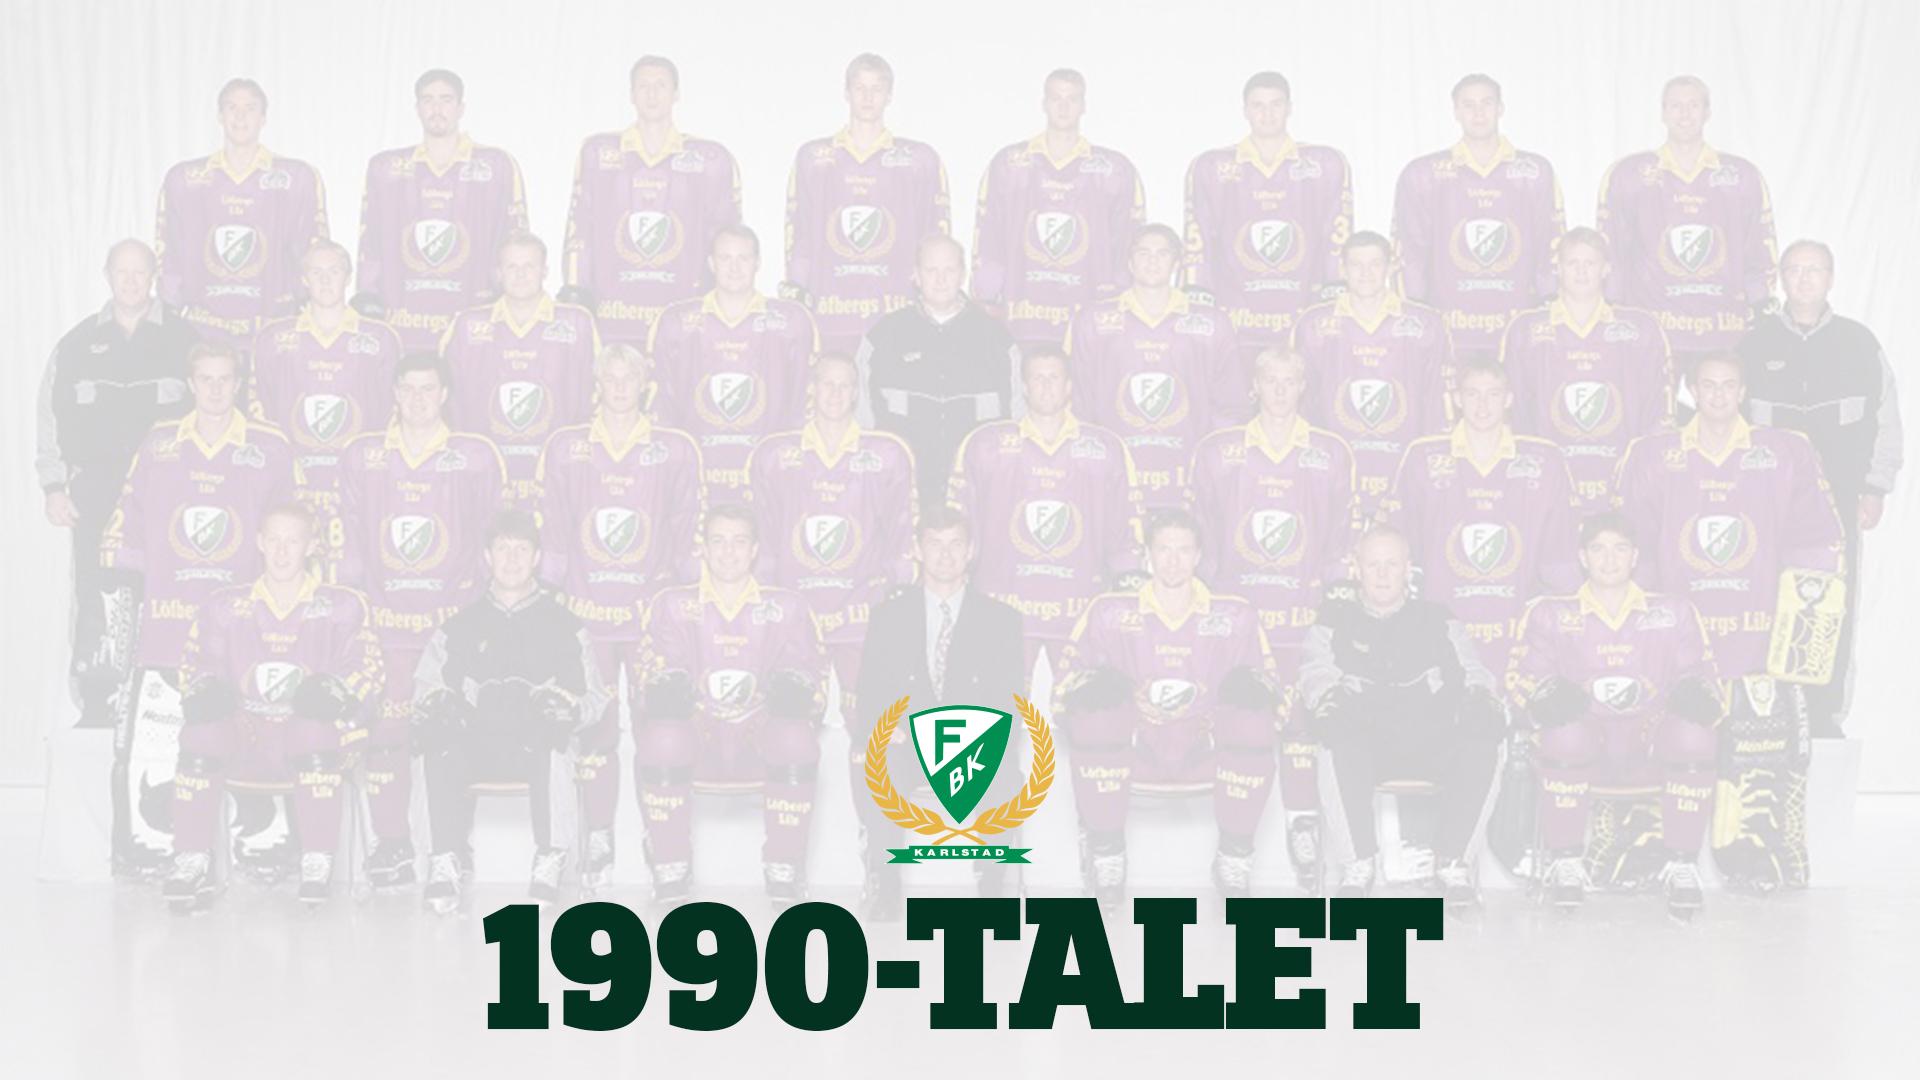 1990-talet